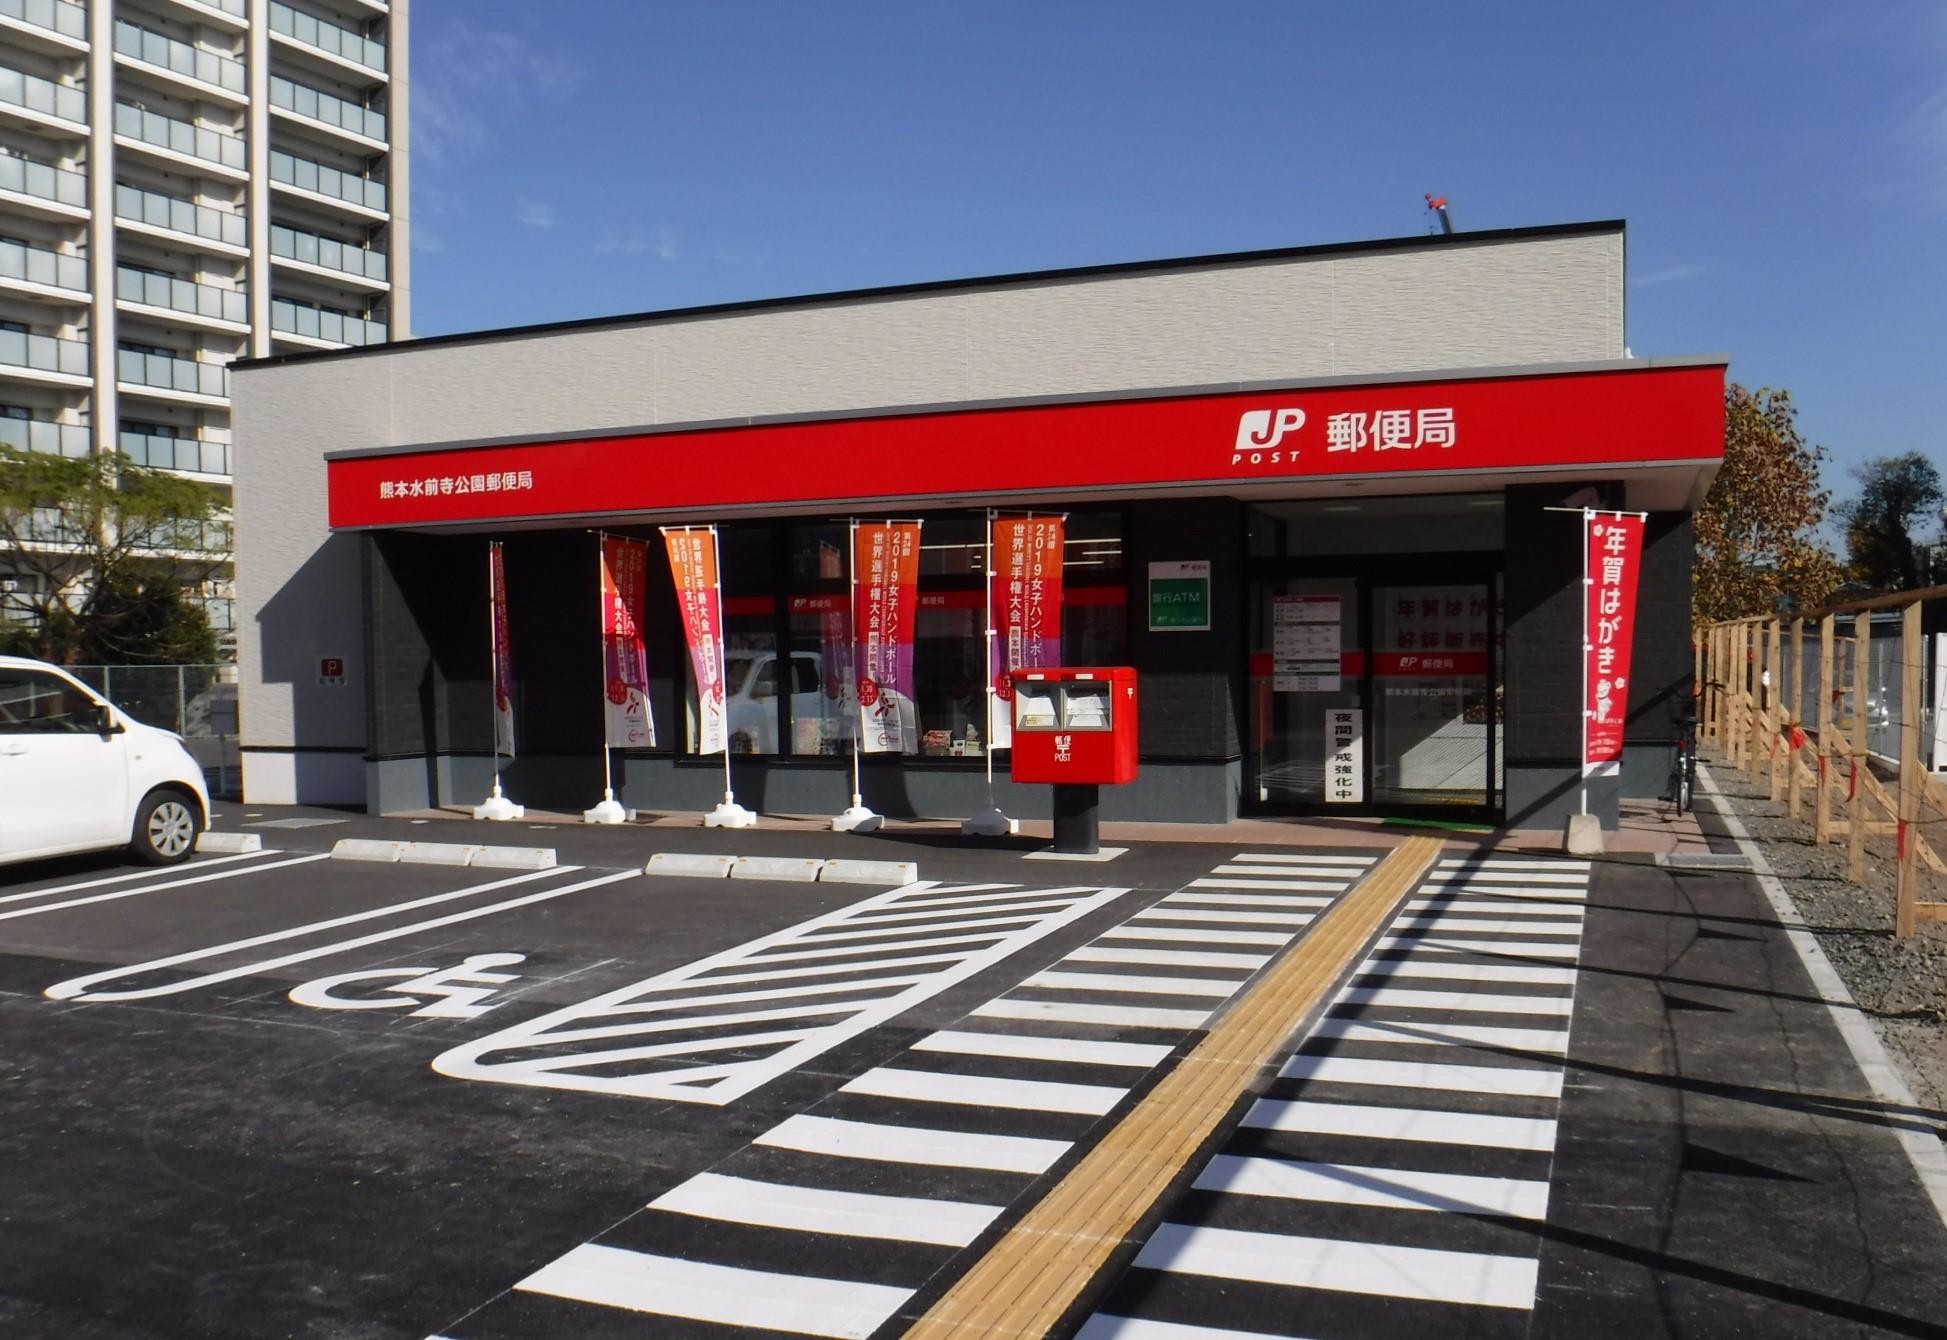 熊本水前寺公園郵便局 様